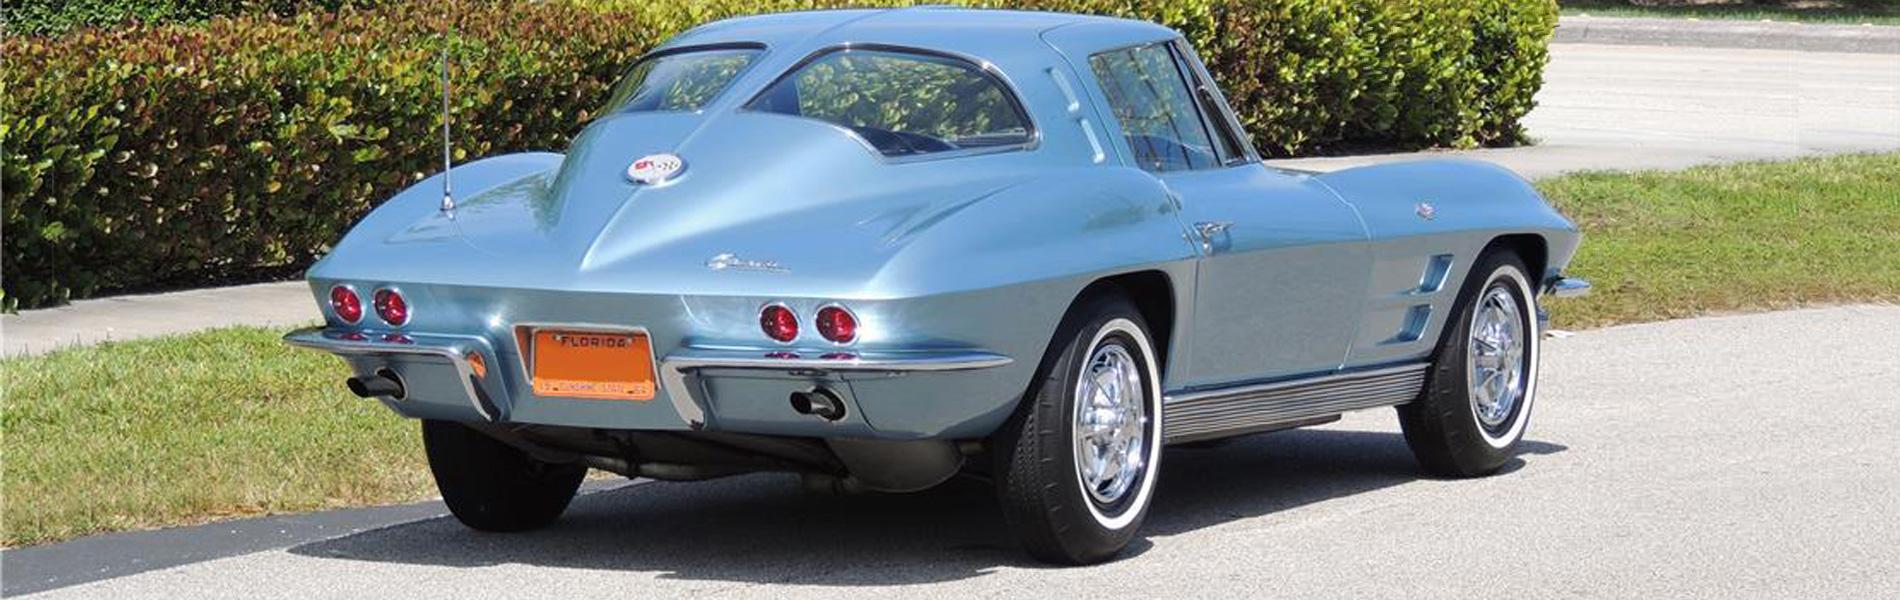 1963-chevrolet-corvette